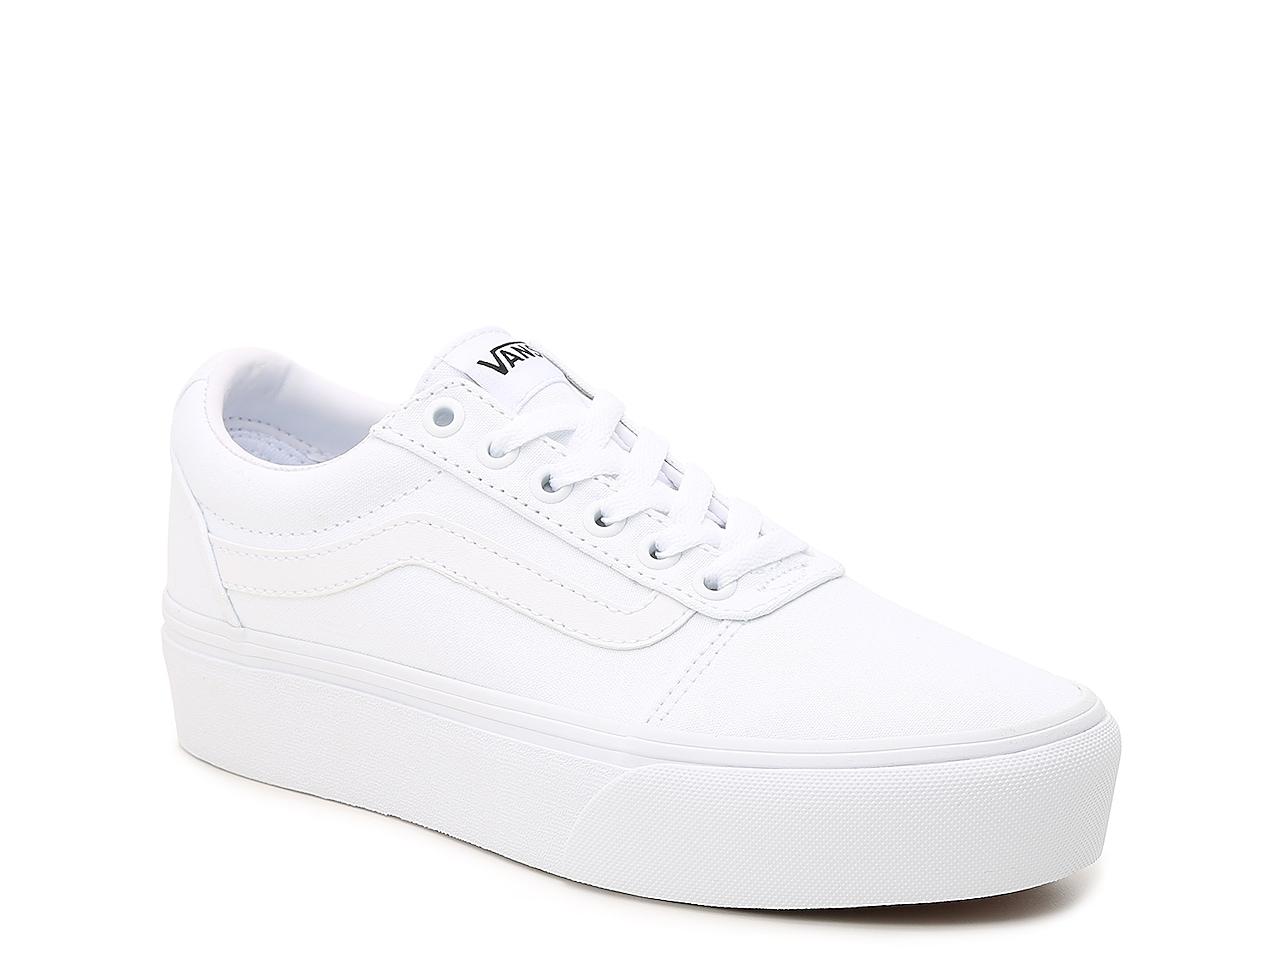 Vans Ward Lo Platform Sneaker - Women's